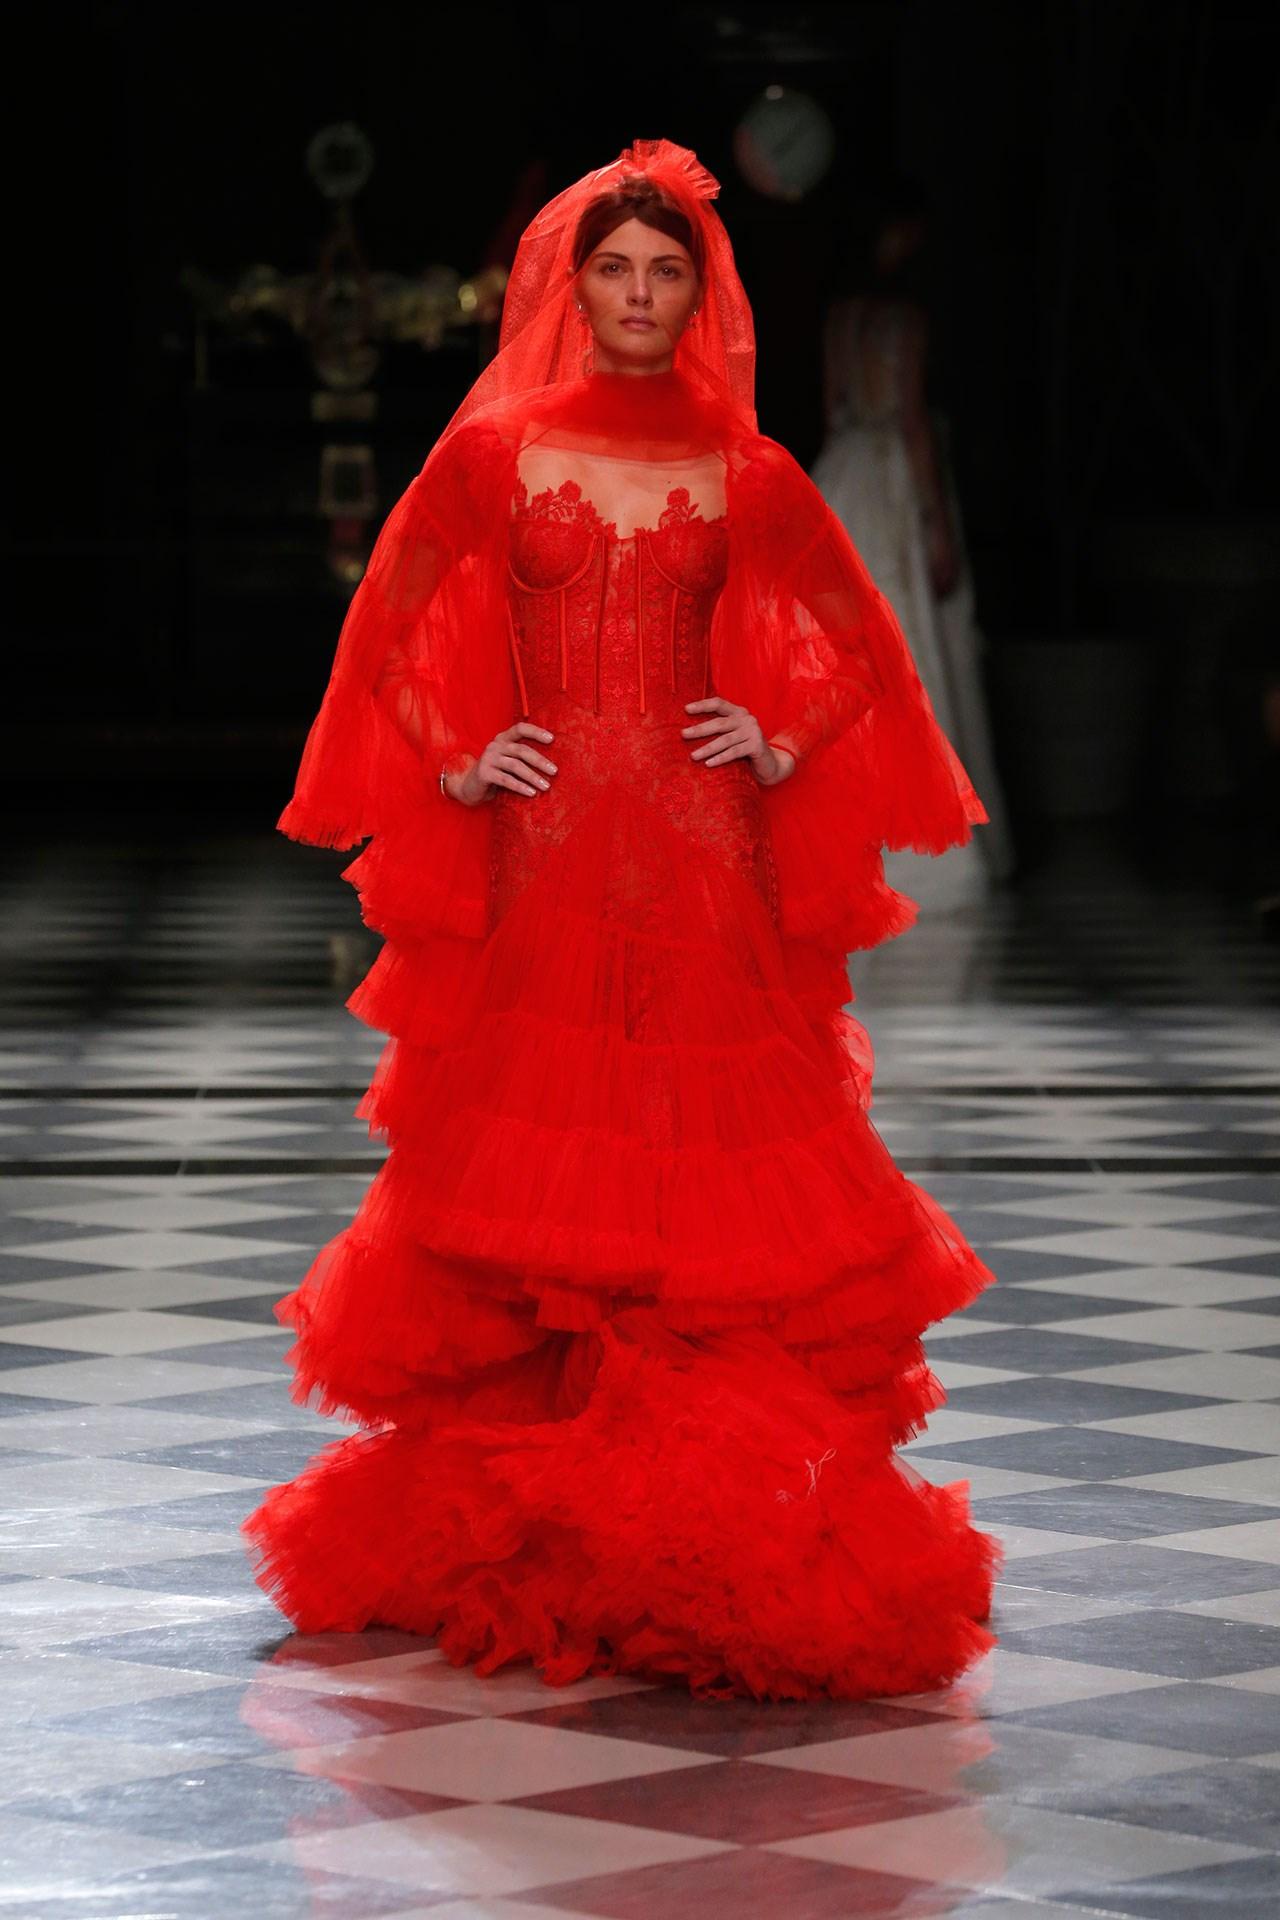 tendencia-vestido-noiva-2018-vermelho-YolanCris